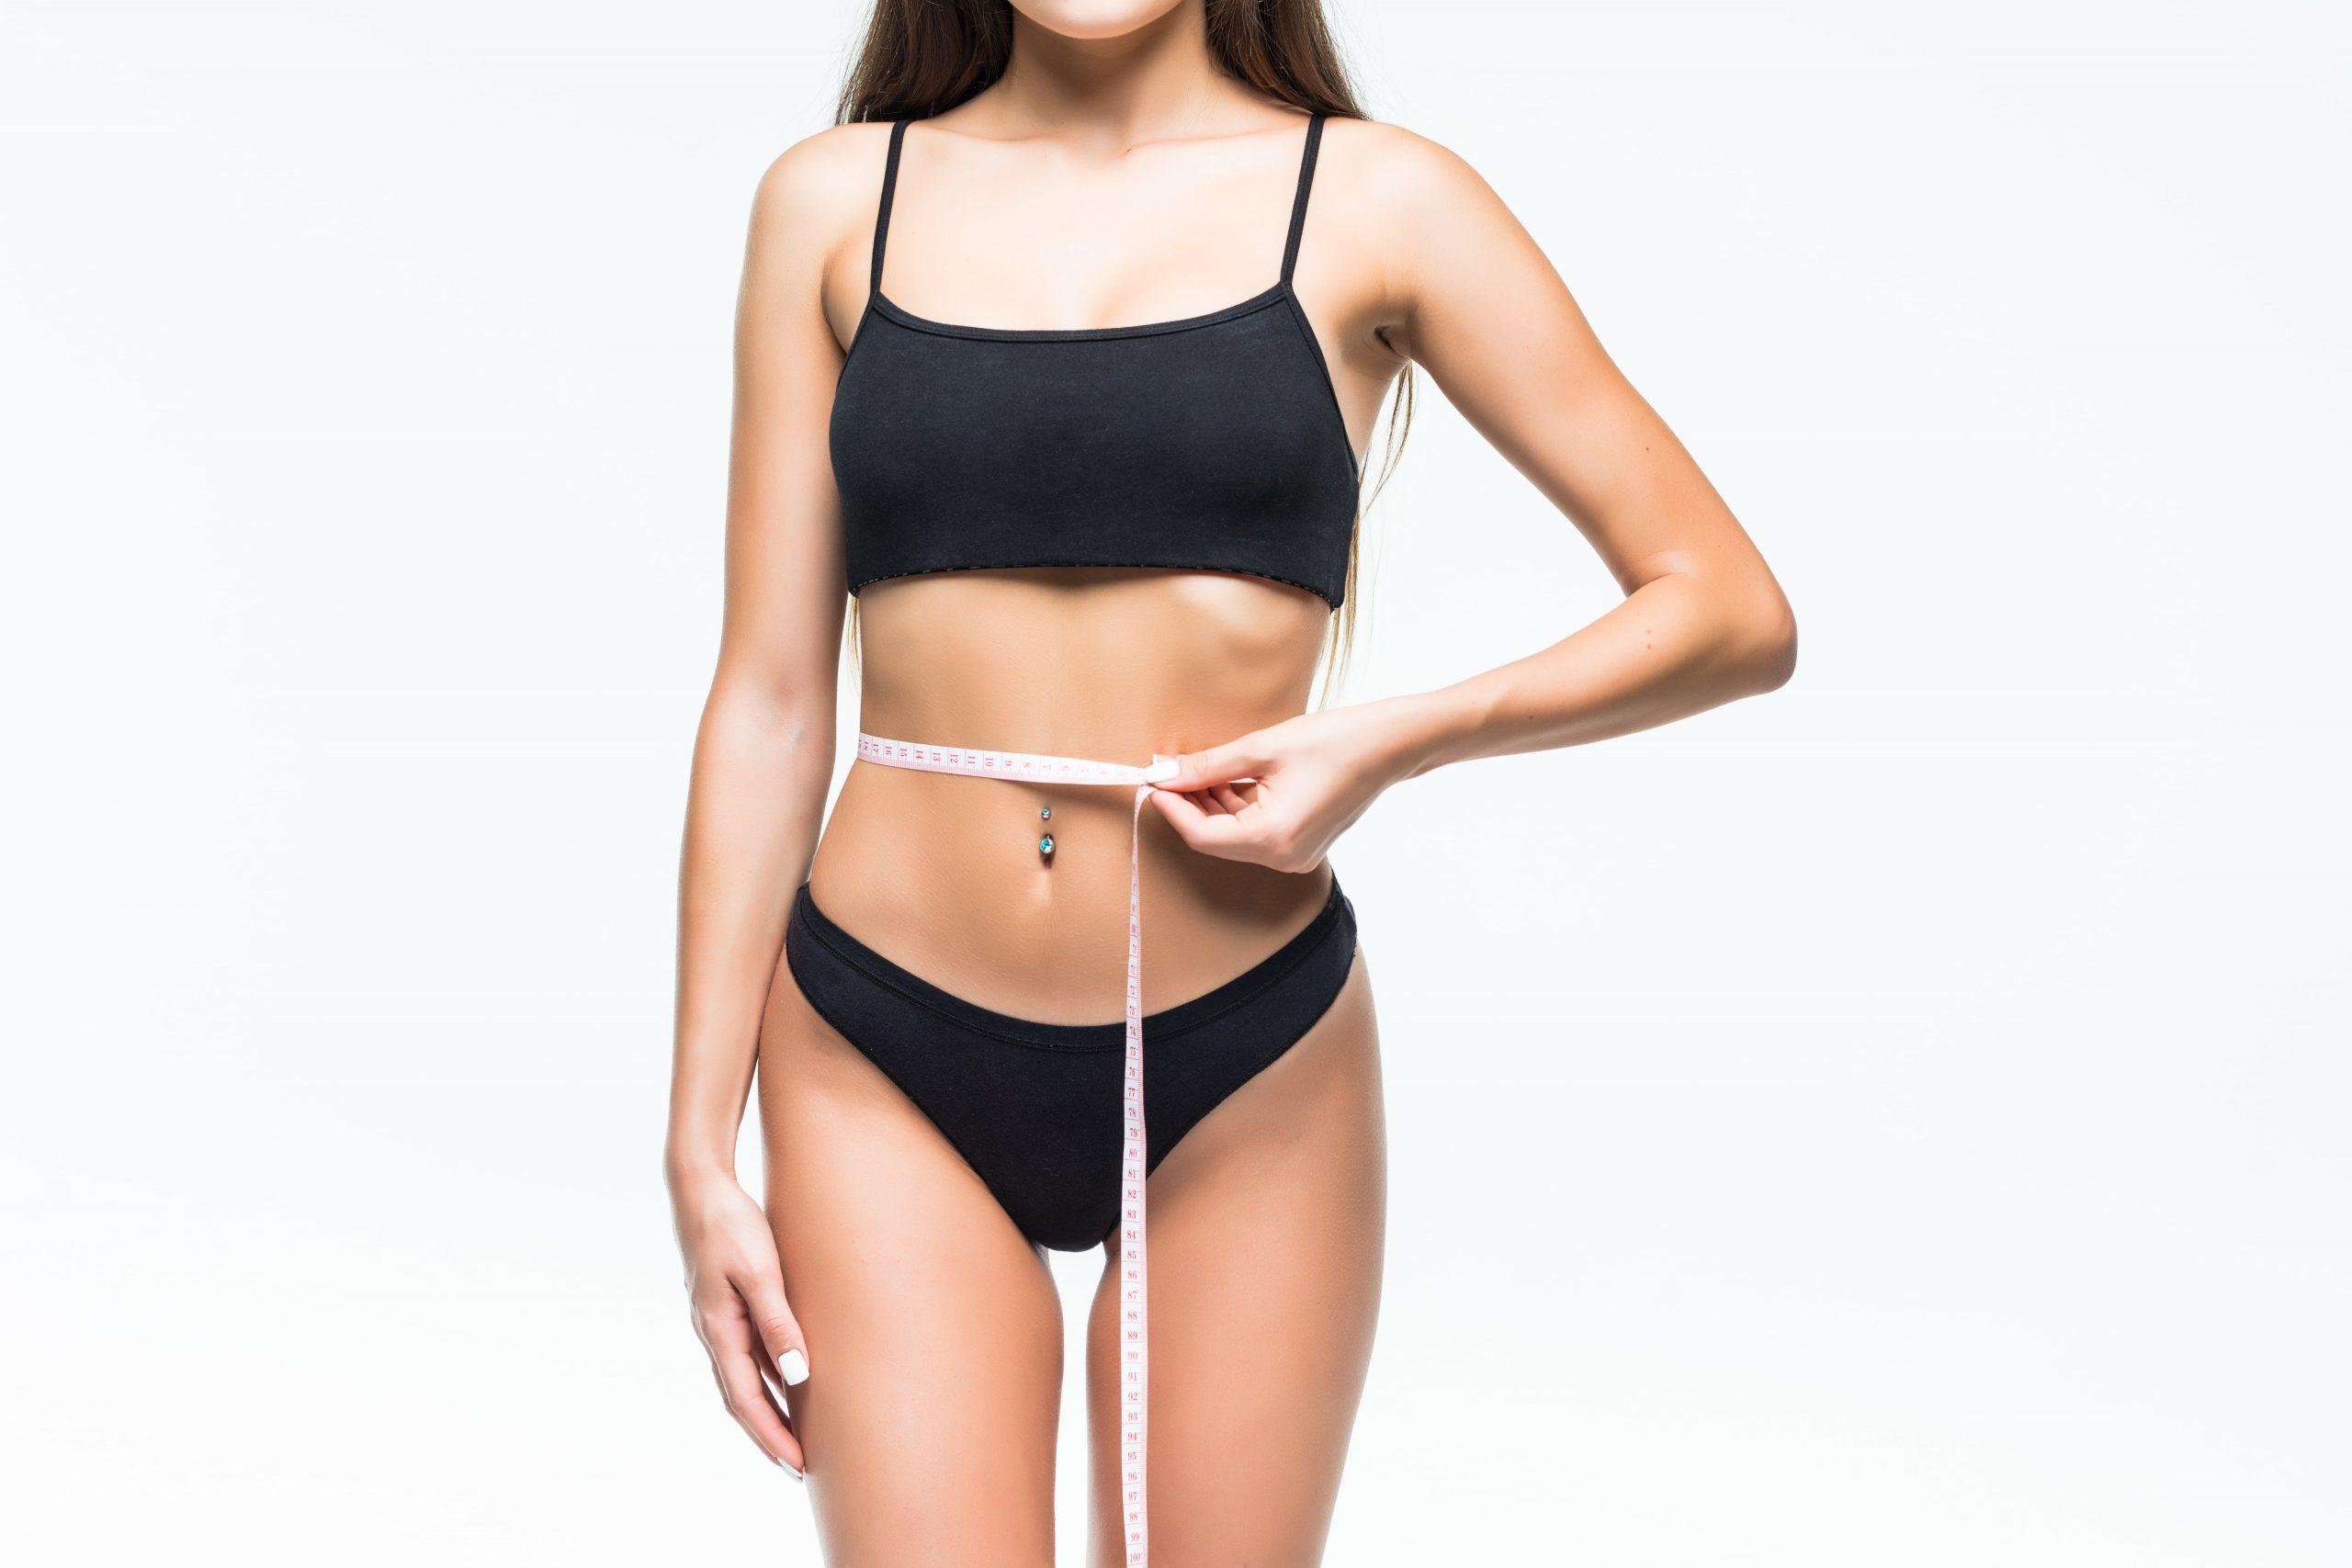 tecnicas de liposuccion